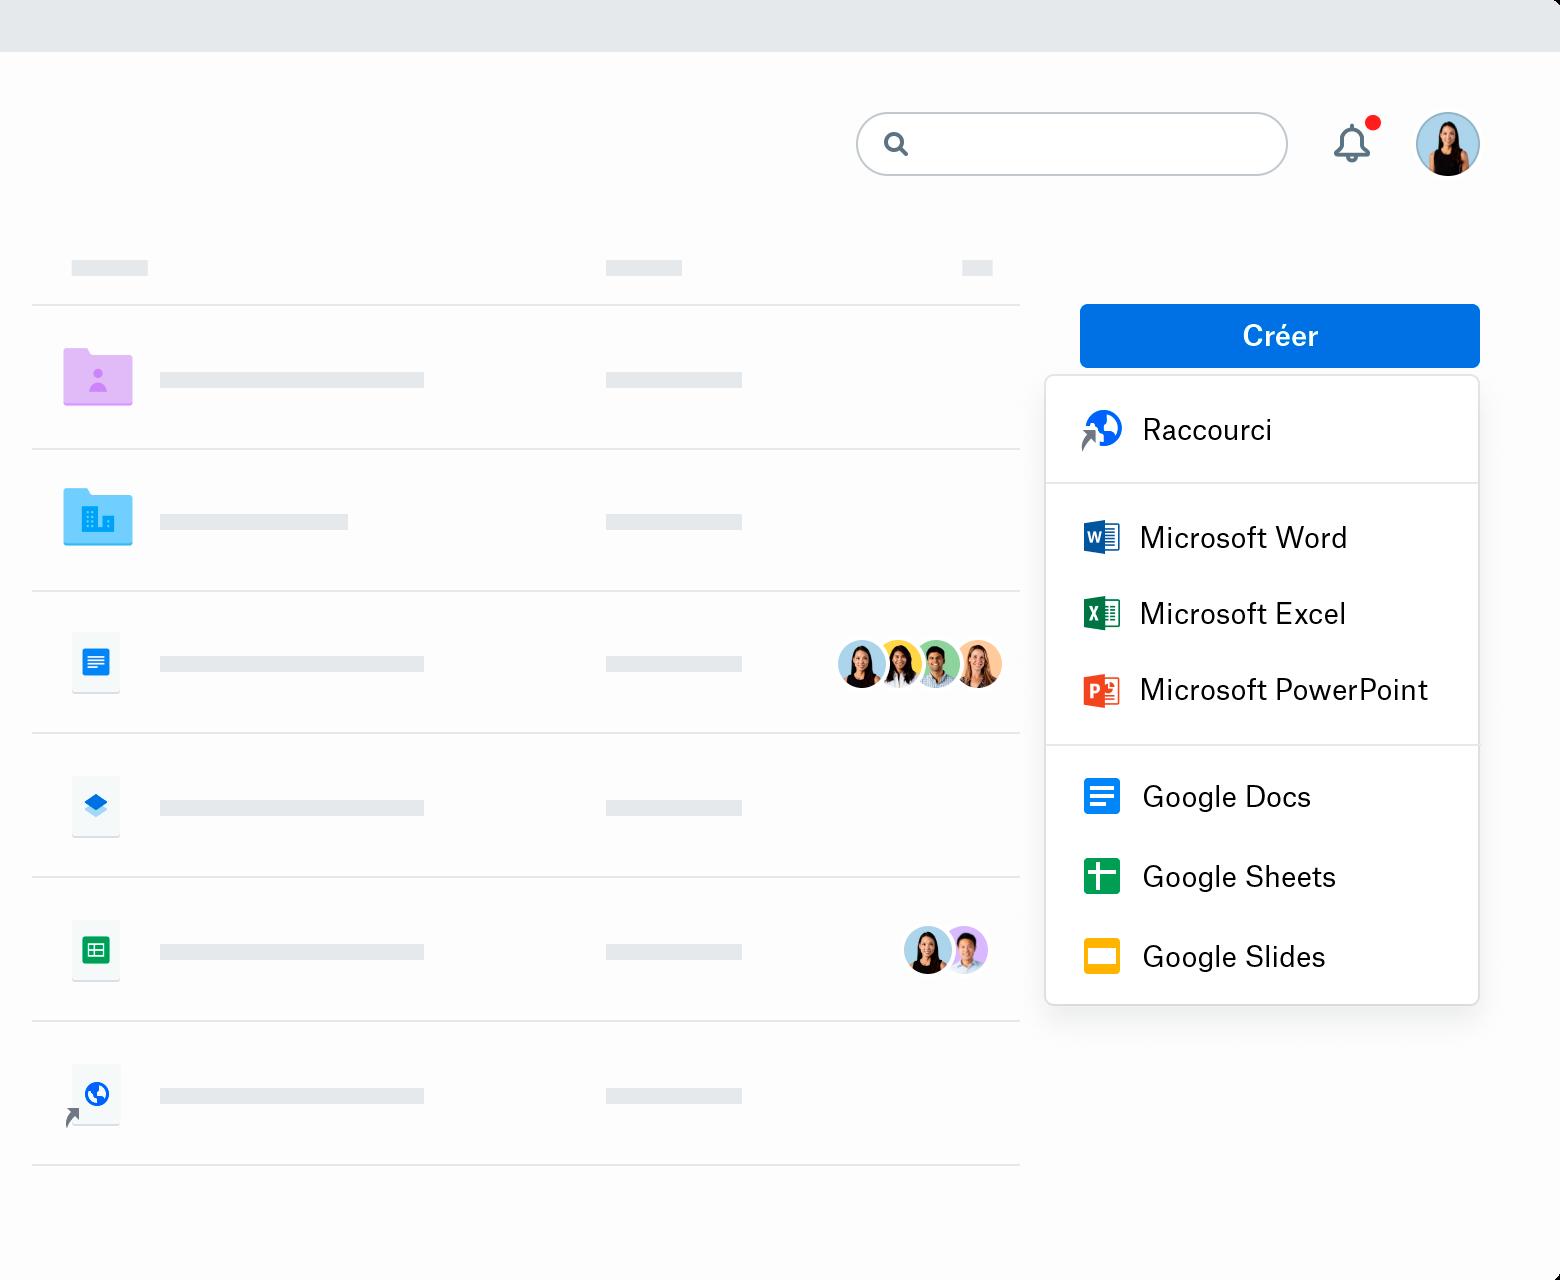 """Capture d'écran du menu déroulant """"Créer un fichier"""" sur Dropbox.com. Le menu répertorie Raccourci, Microsoft Word, Microsoft Excel, Microsoft PowerPoint, Google Docs, Google Sheets et Google Slides."""